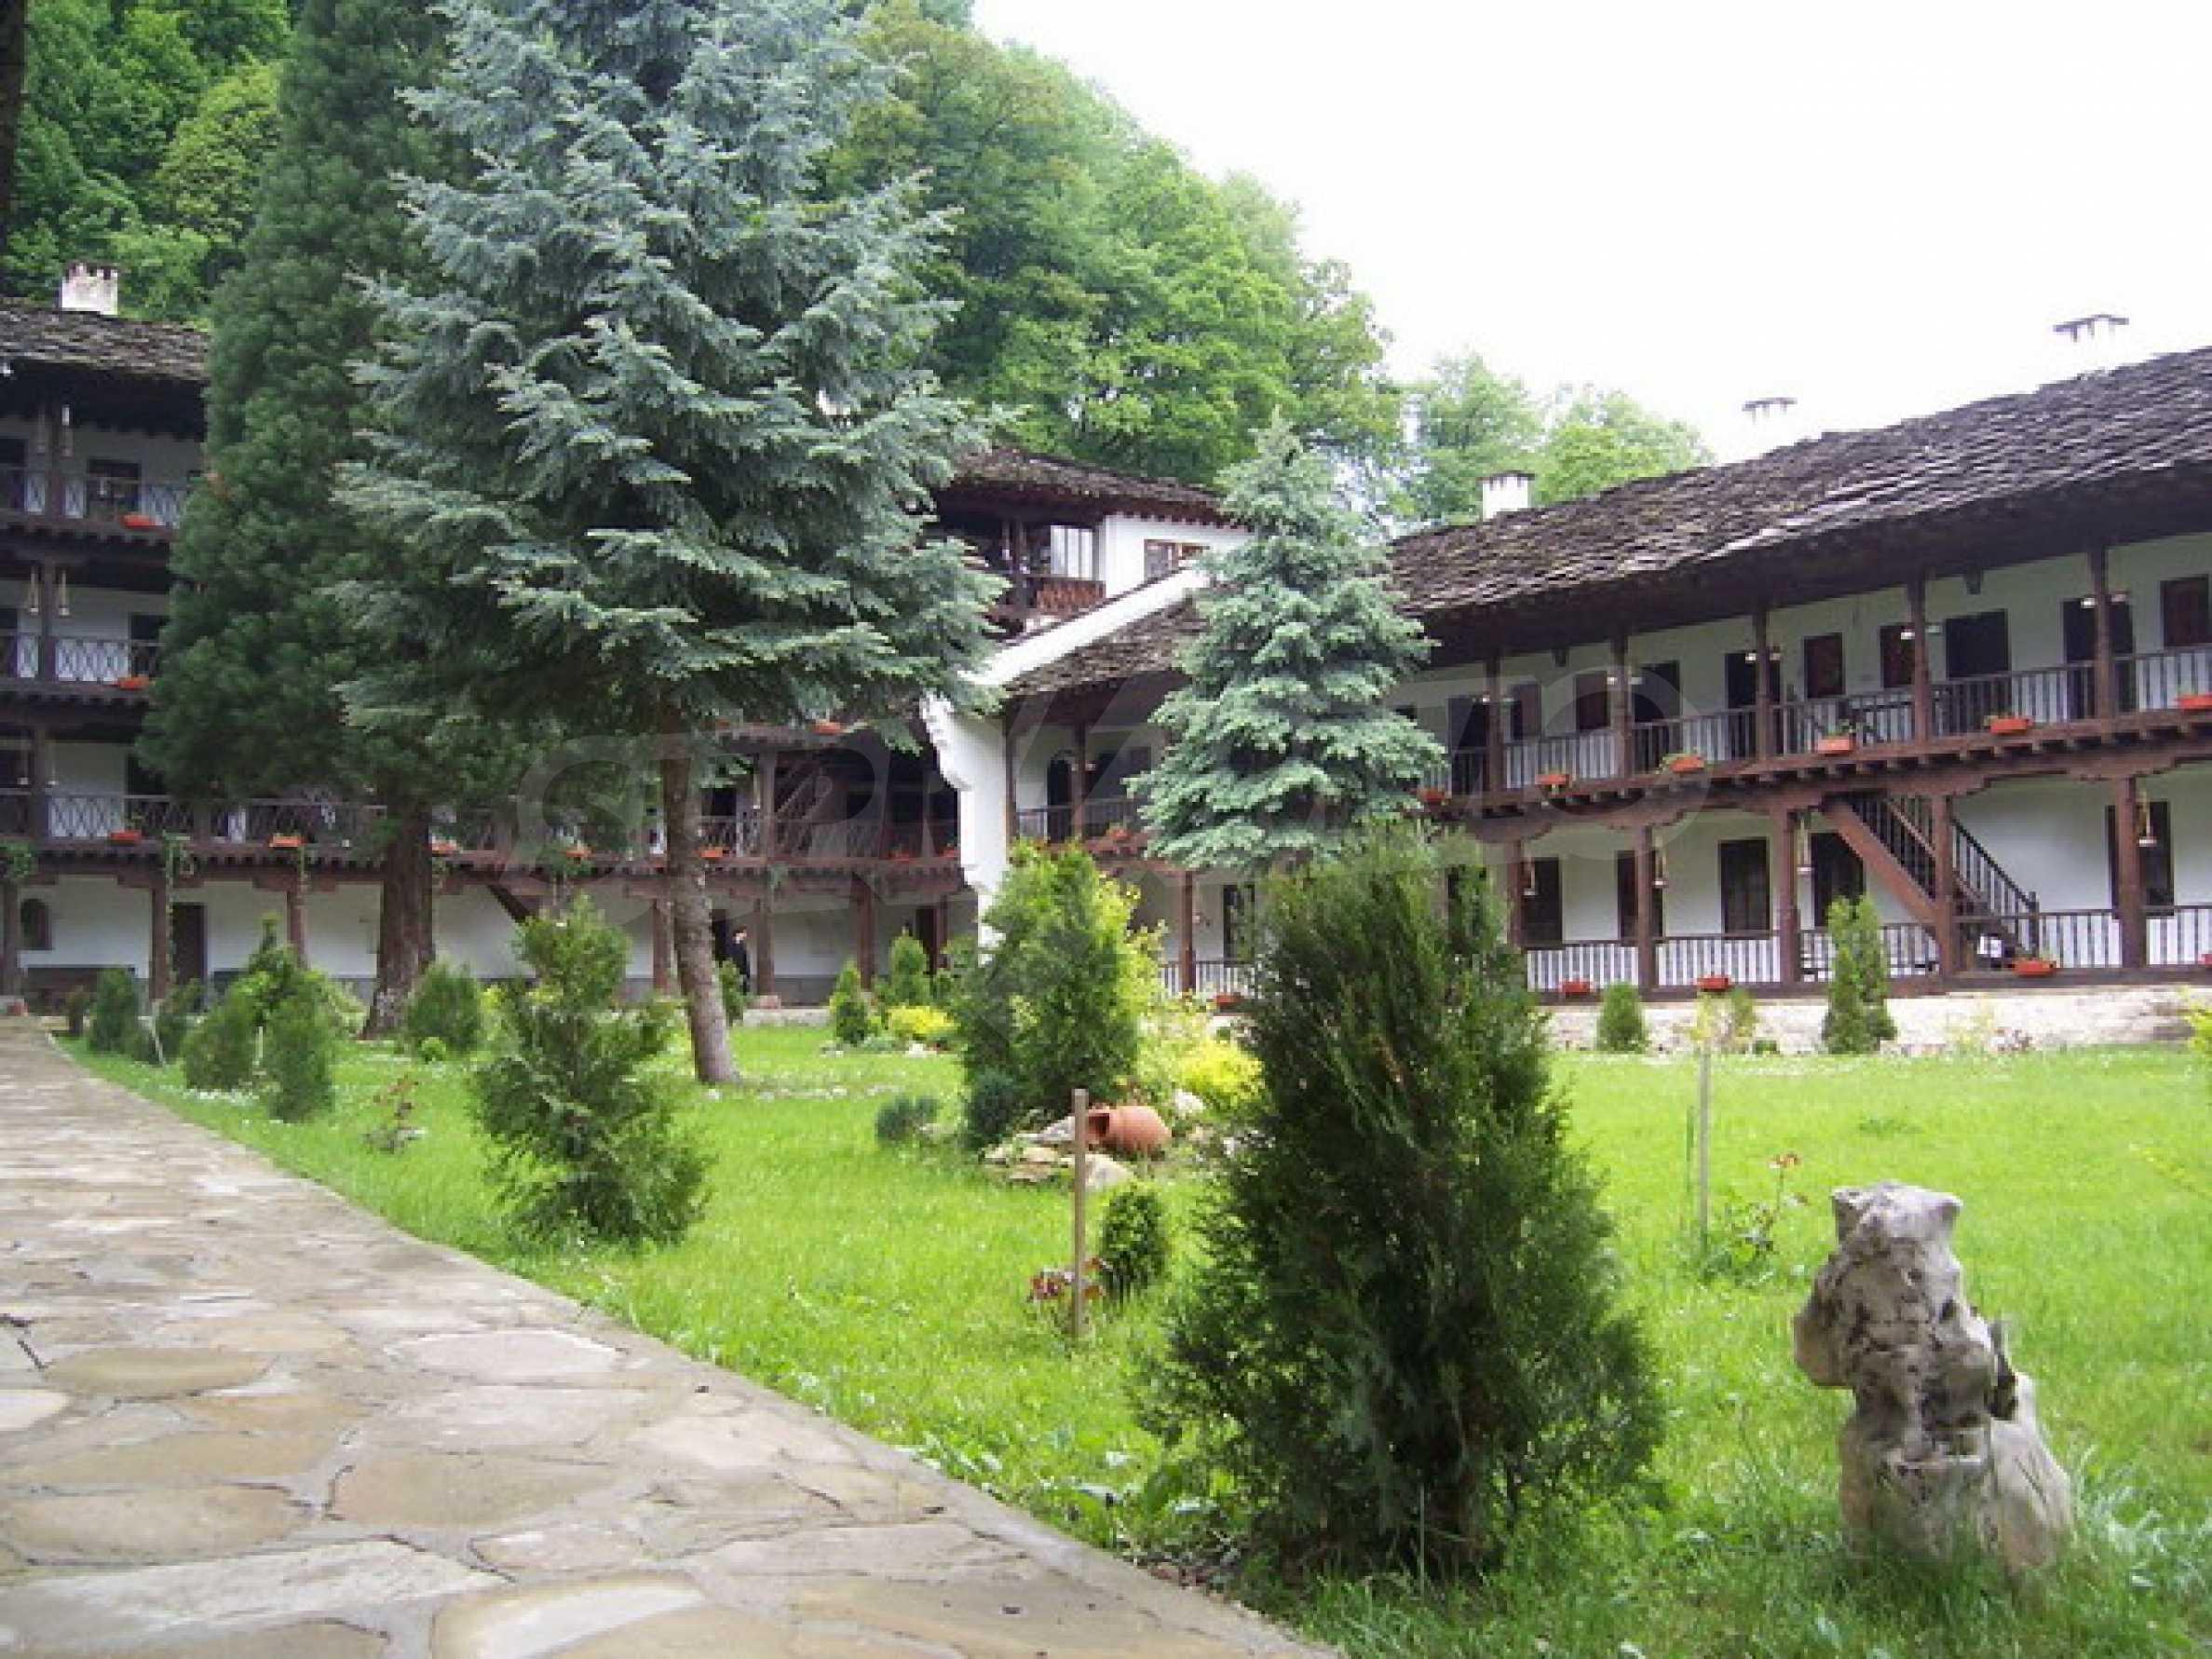 Прекрасный участок земли около известного монастыря в горном регионе! 5